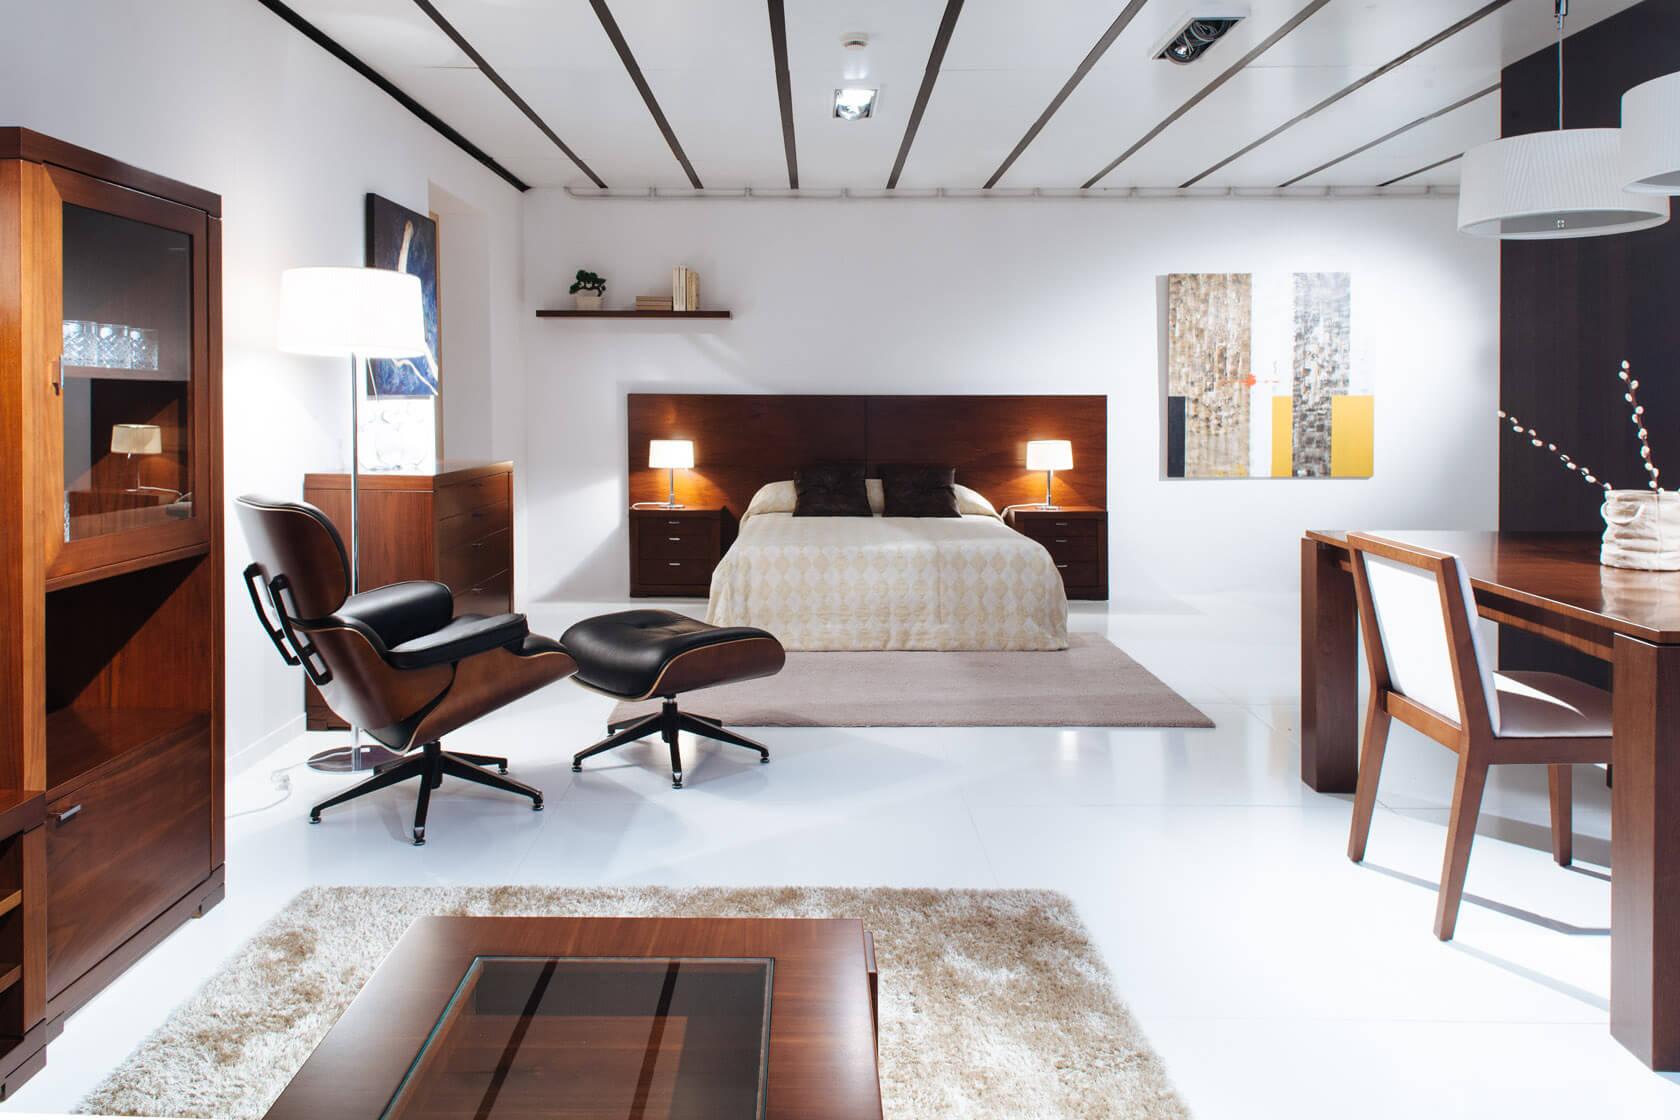 mostrari de mobiliari clàssic a l'exposició de mobles güell